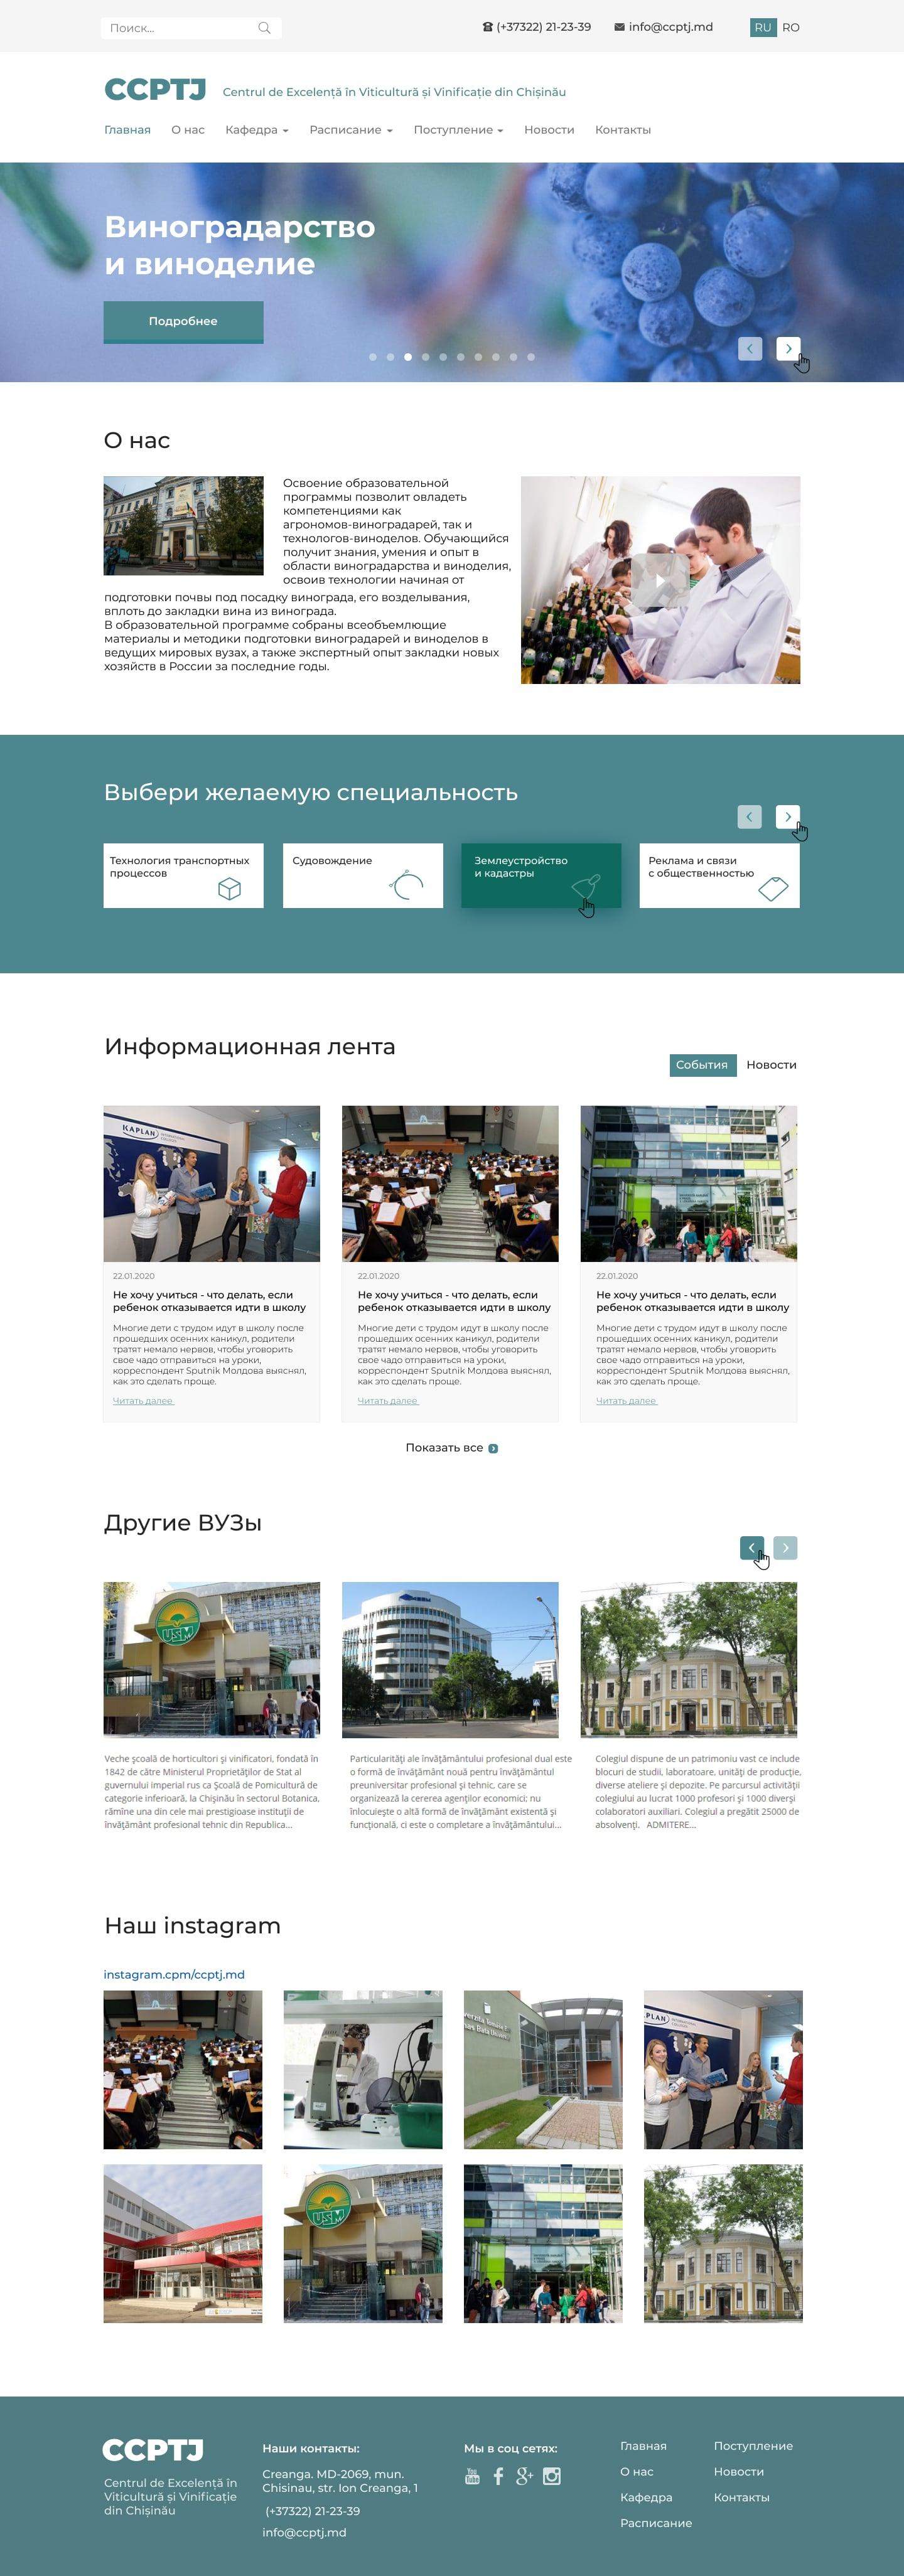 Разработка дизайна сайта колледжа фото f_4095e5eb21938c33.jpg